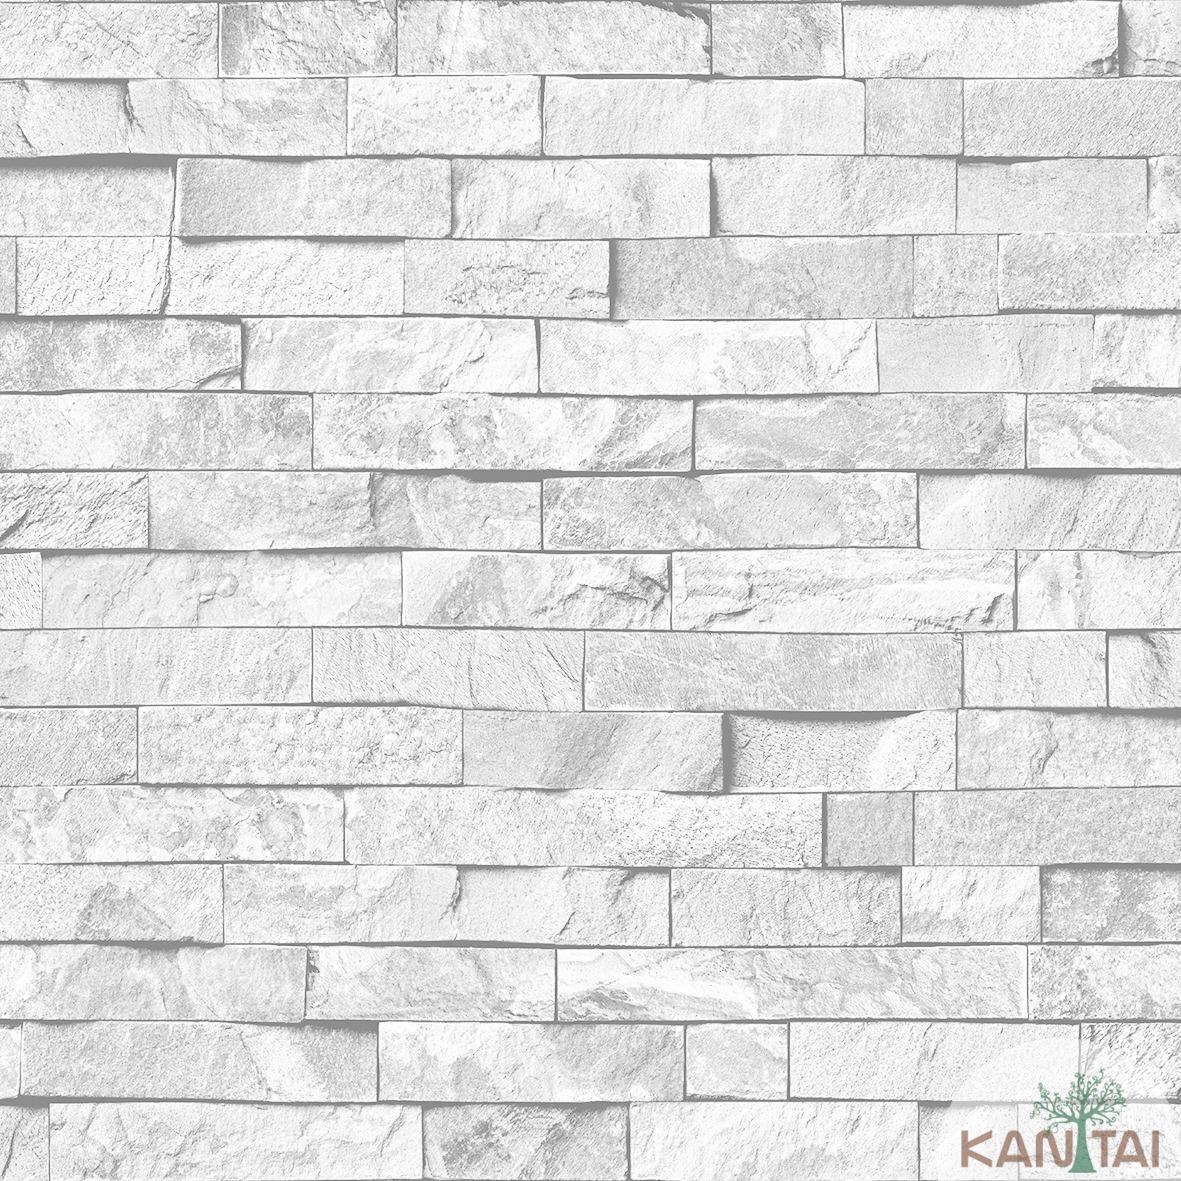 Papel de Parede Kan Tai  VinÍlico Coleção Neonature IV Filetes de pedra Tons cinza